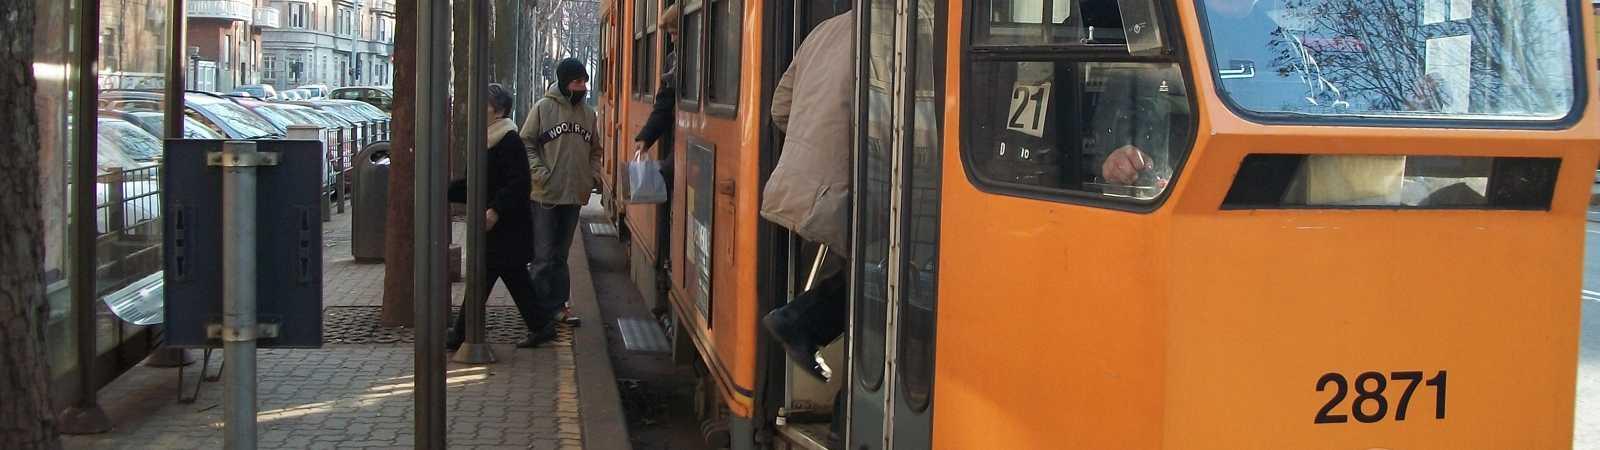 Firenze, Perugia e Salerno: ricerca Mystery Client per indagini sul trasporto pubblico